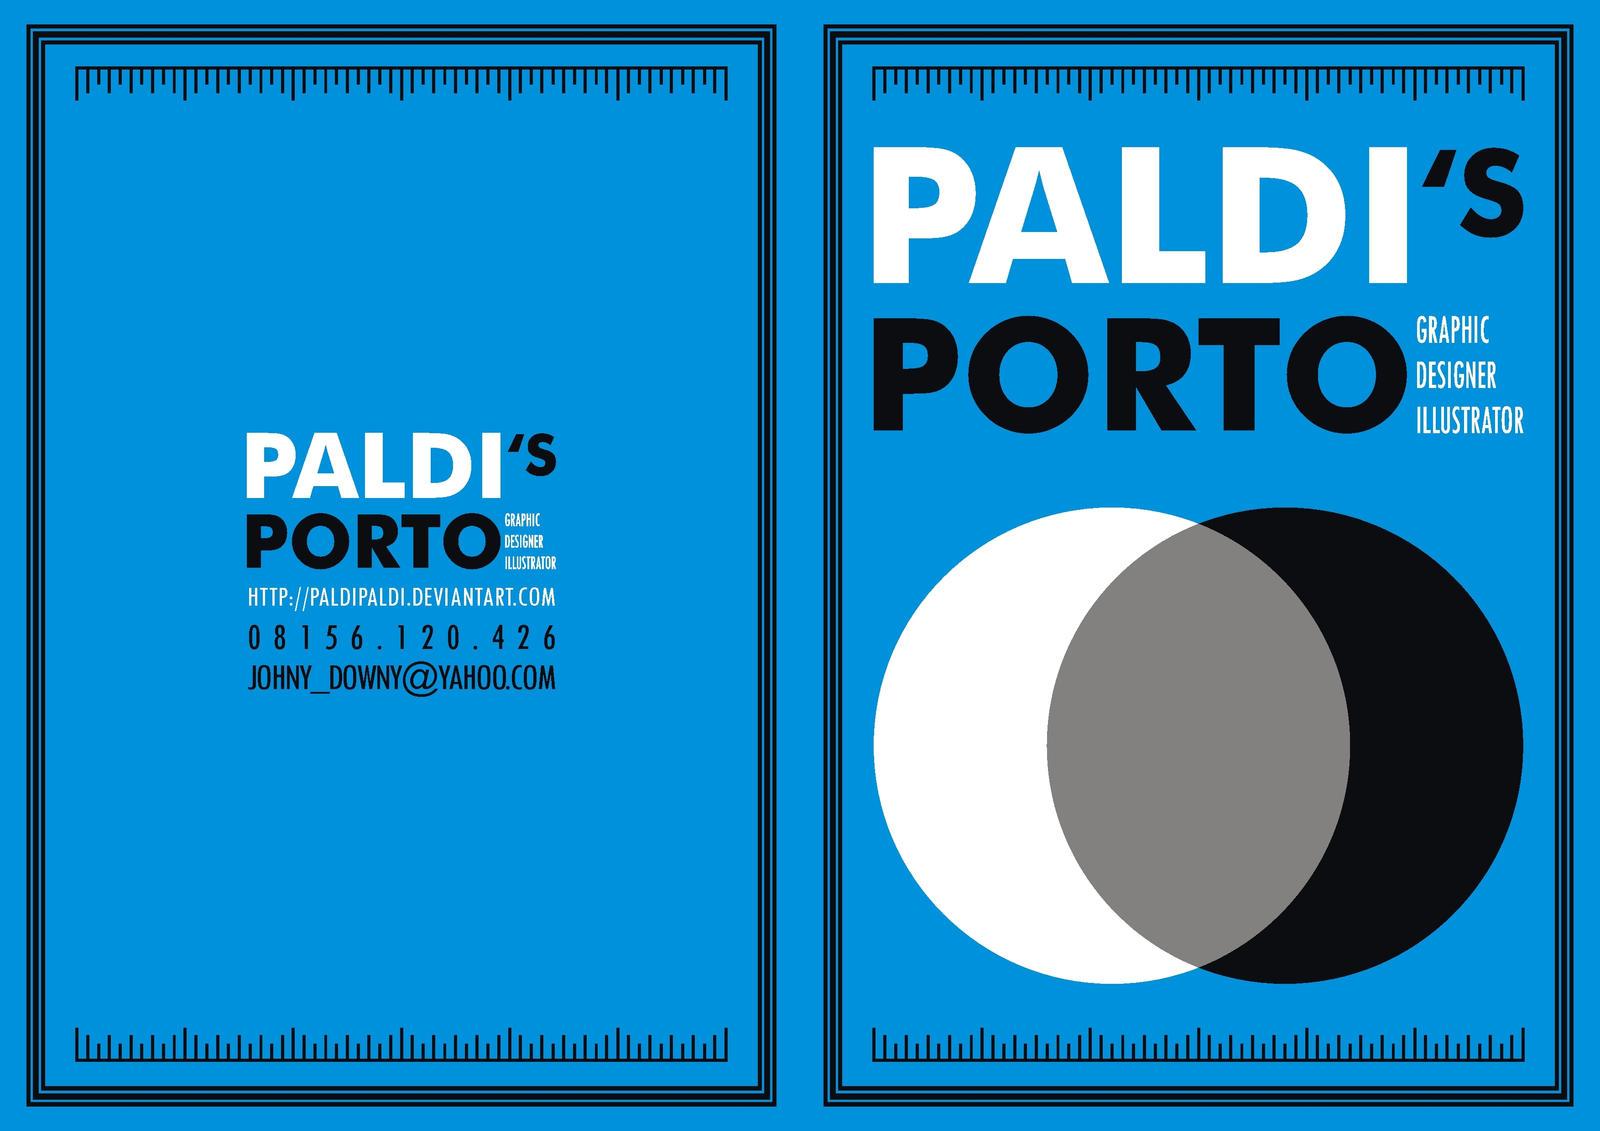 the cover of PALDI's porto by paldipaldi